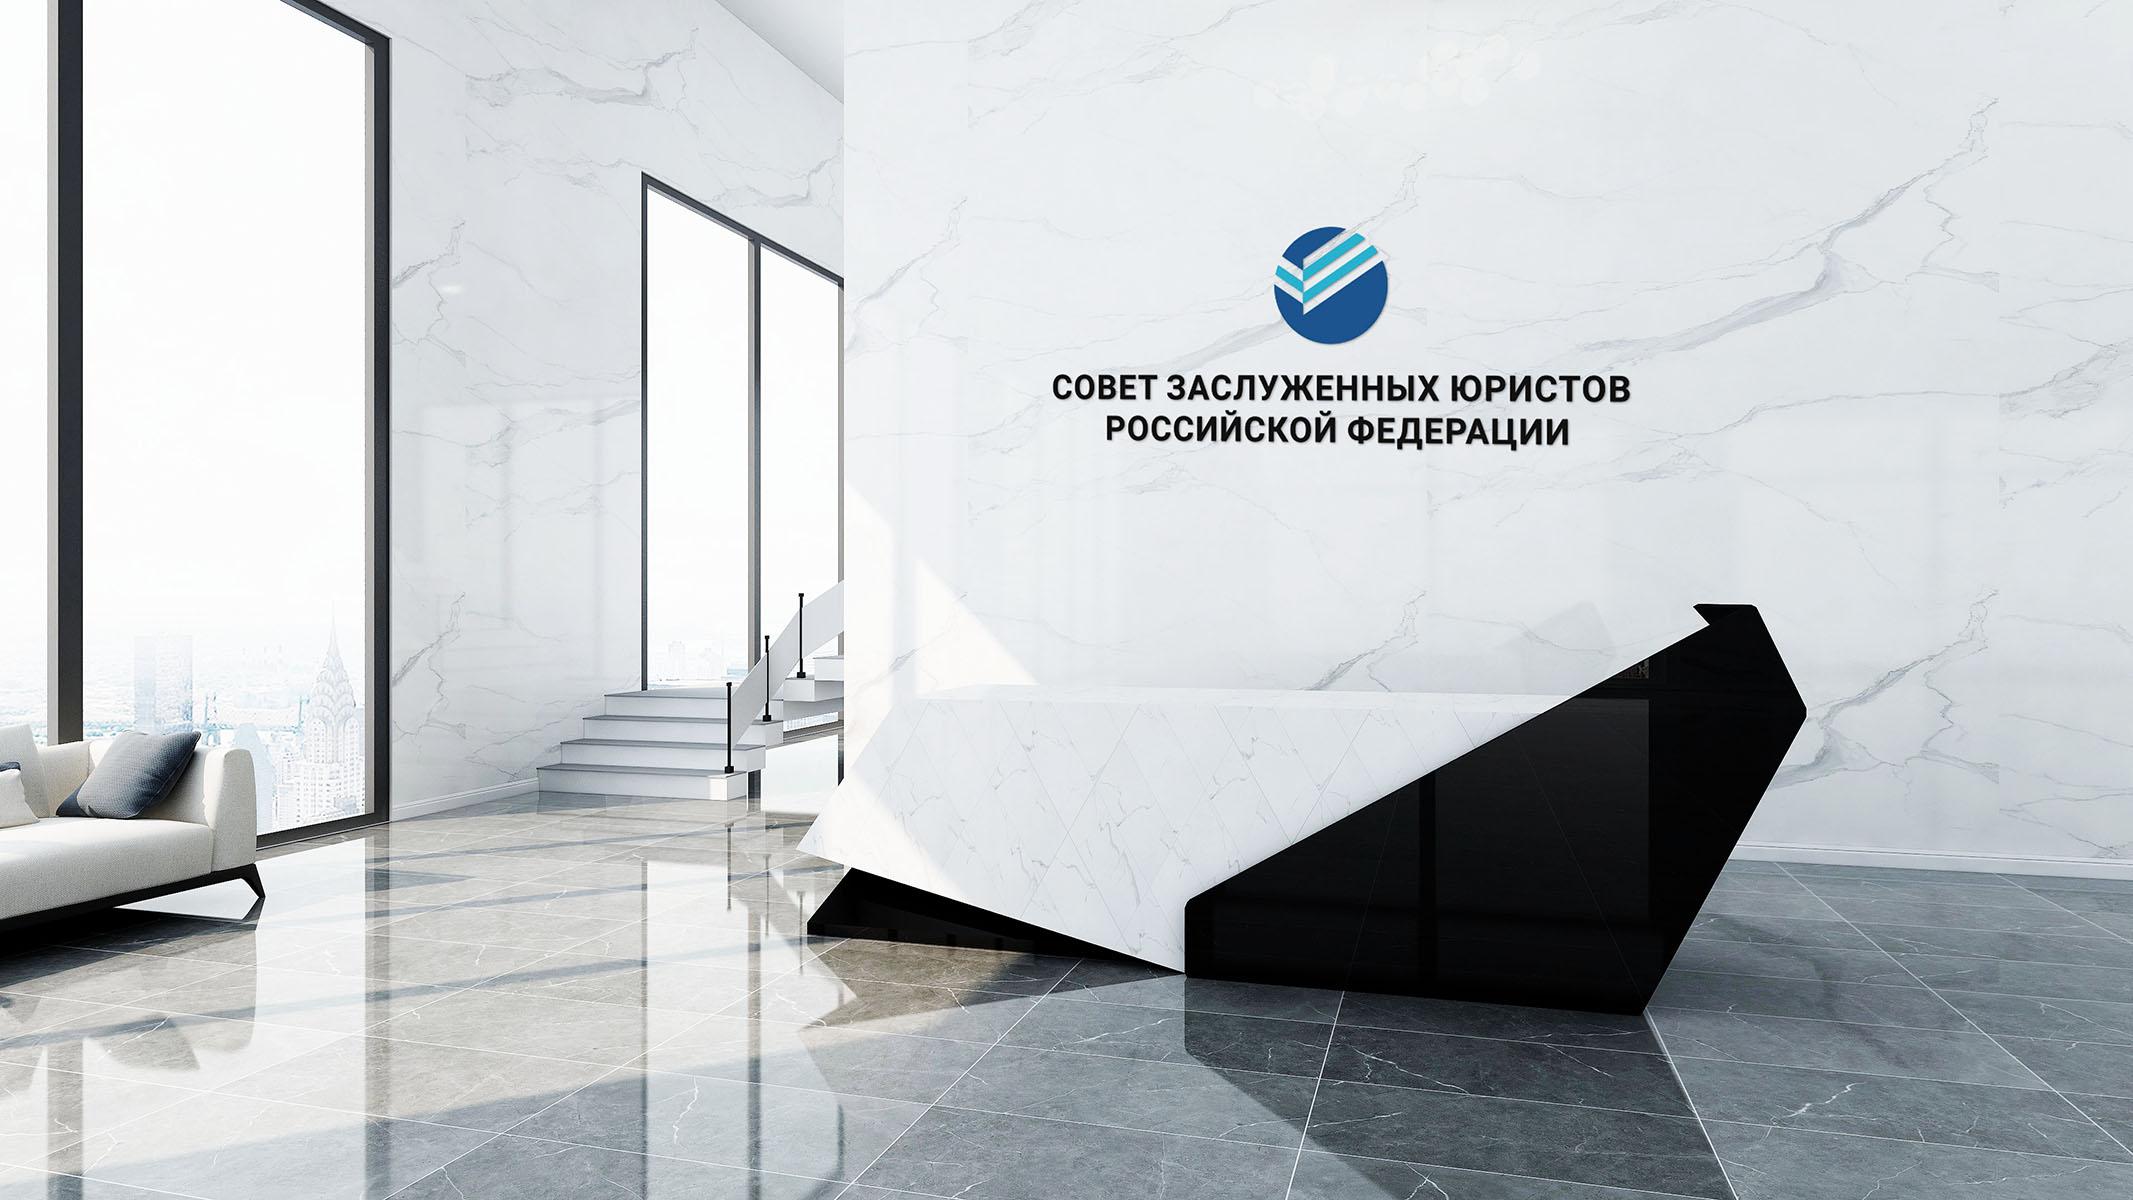 Разработка логотипа Совета (Клуба) заслуженных юристов Российской Федерации фото f_1425e3d7deeefb74.jpg